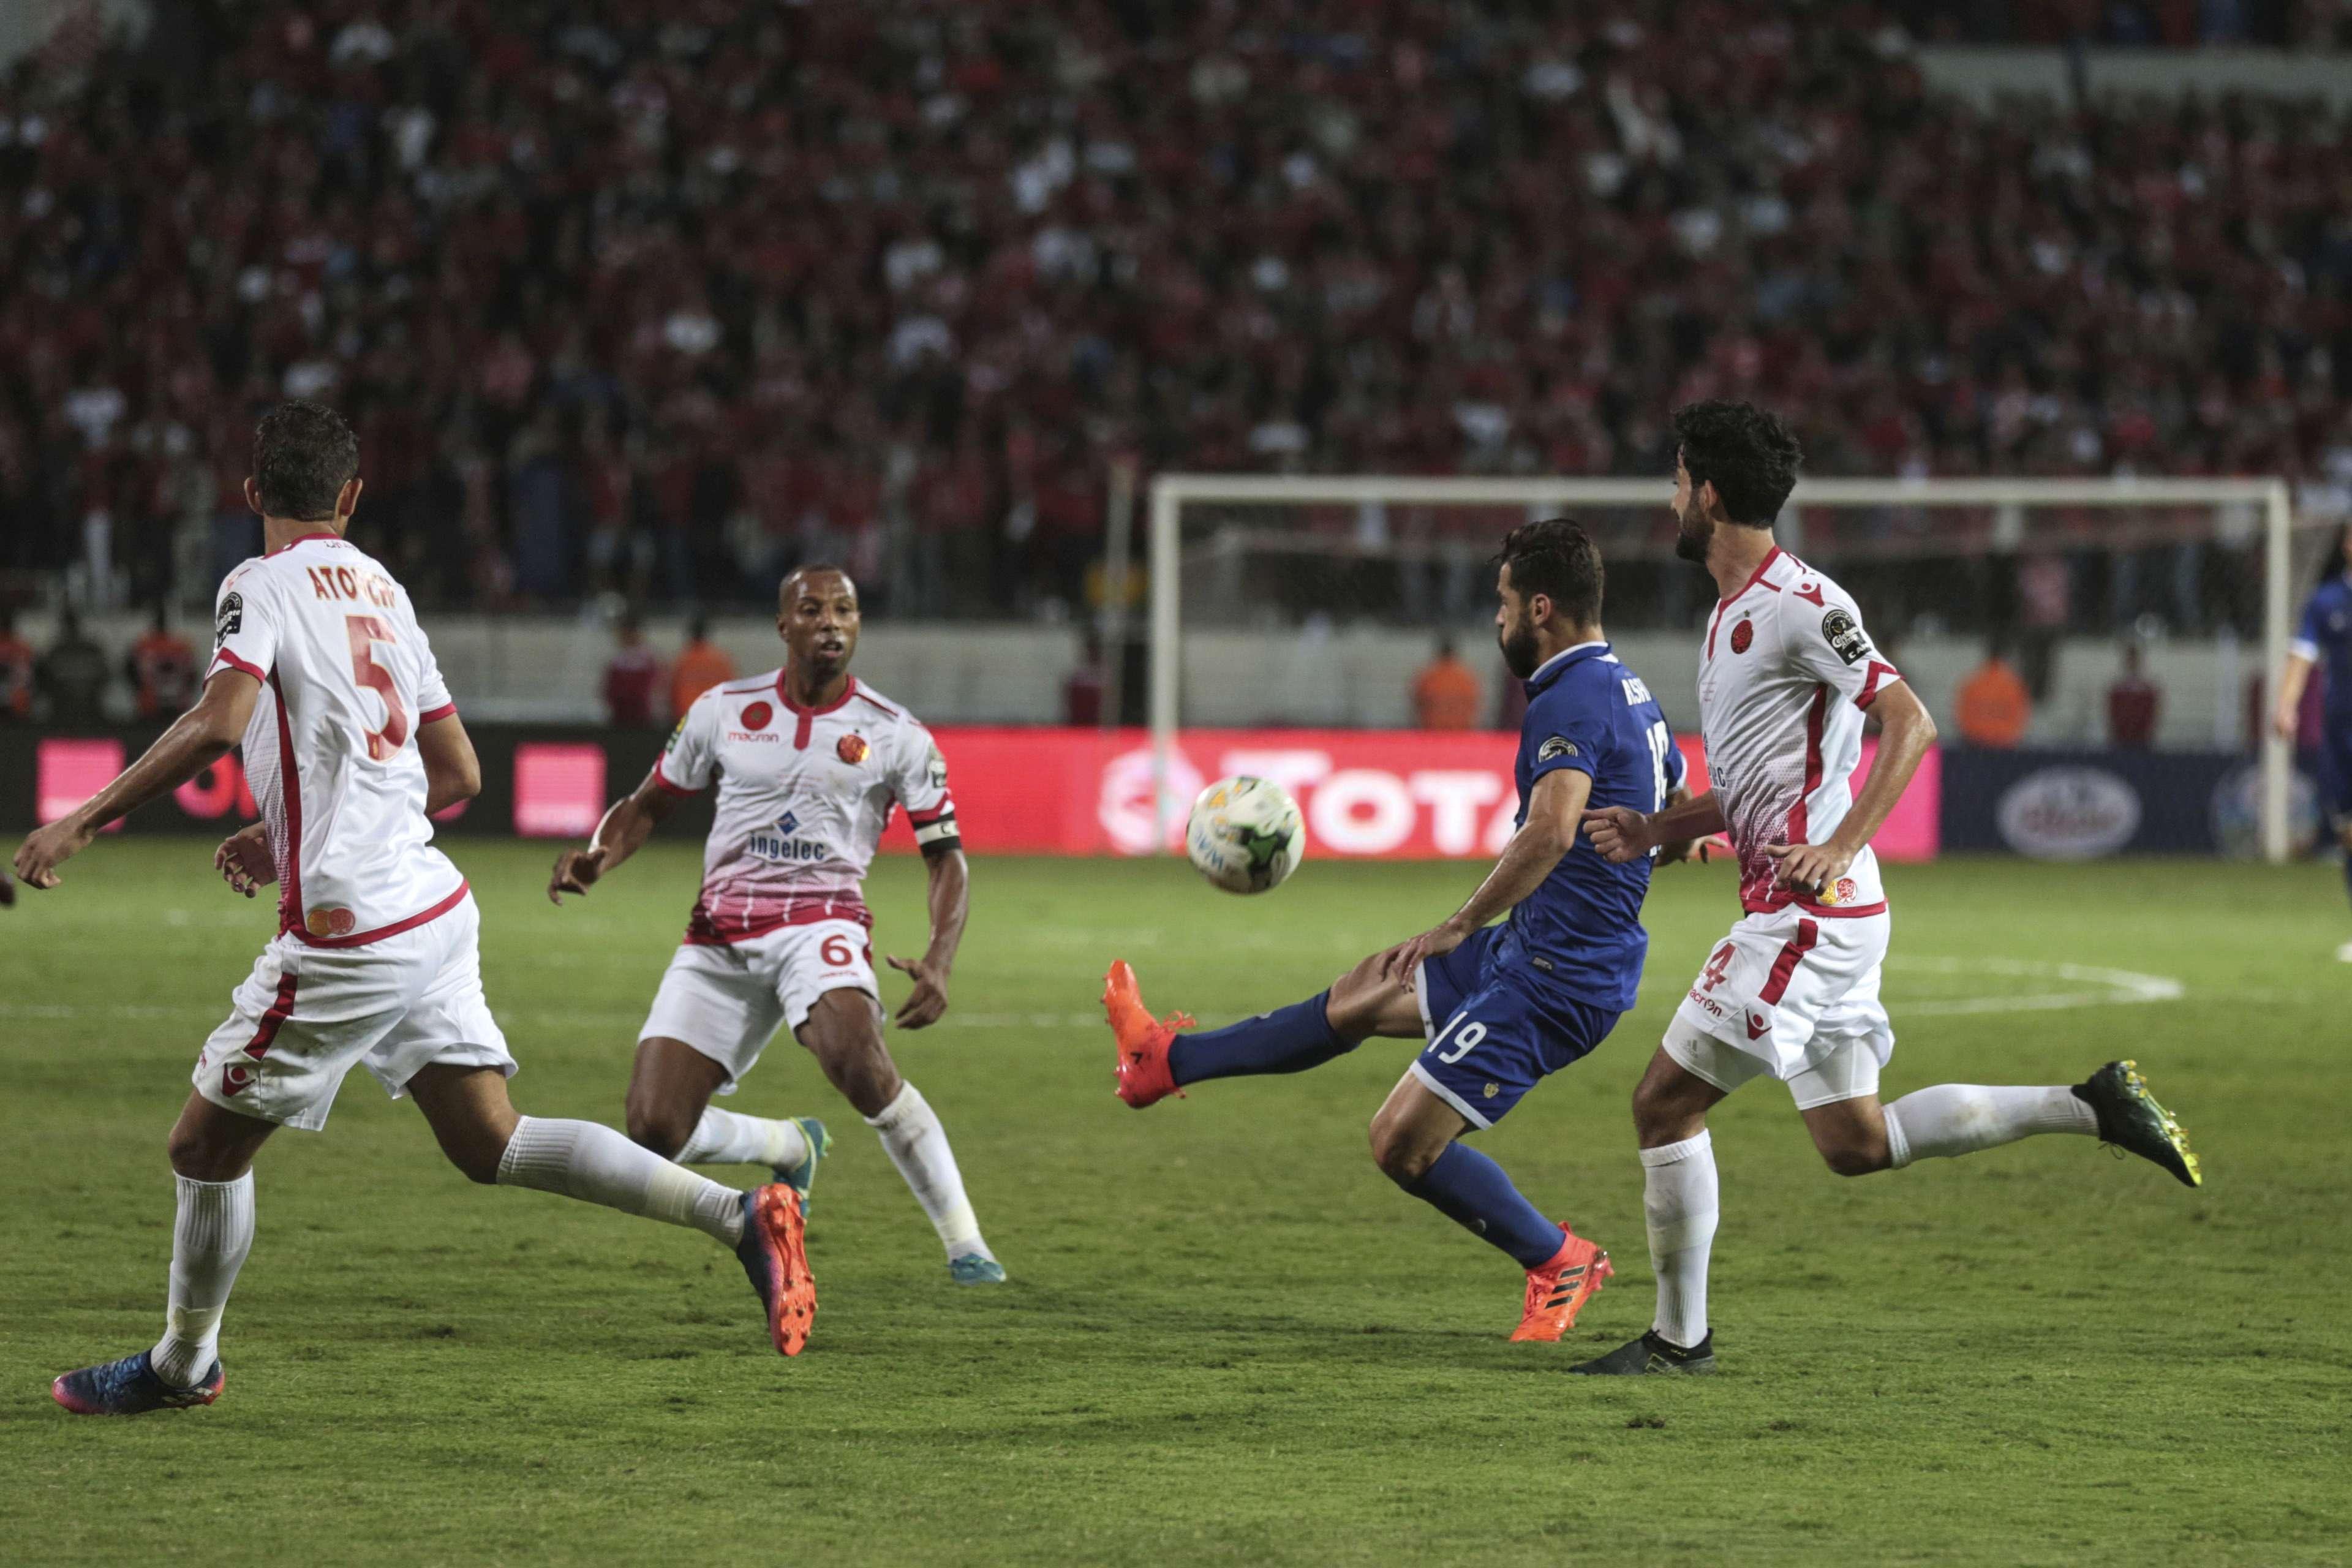 Abdalla Said, du club sportif égyptien Al-Ahly, lors du match retour de la finale de la Ligue des champions de la CAF à Casablanca, au Maroc, le 5 novembre 2017.